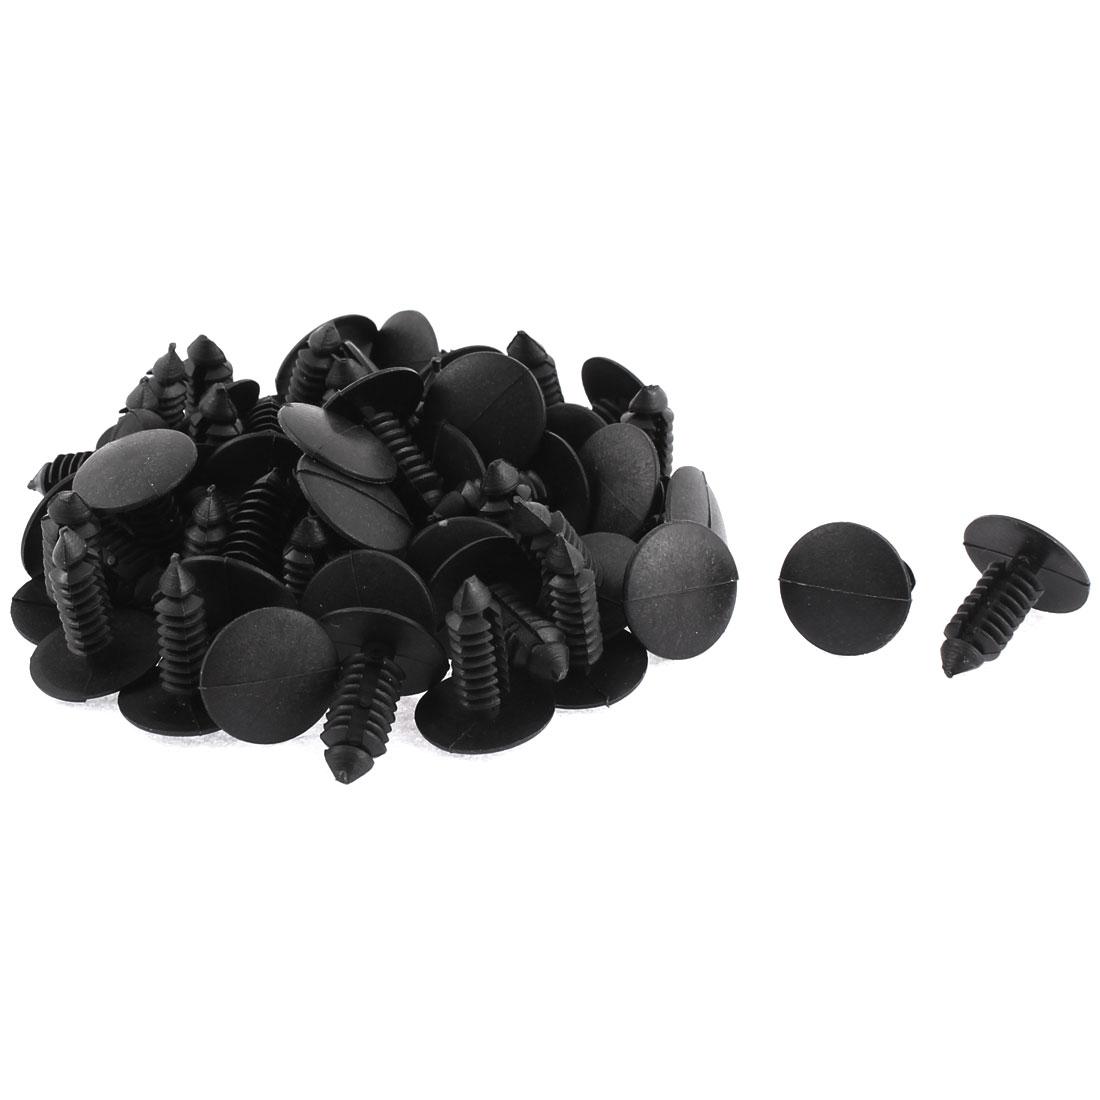 8mm x 6mm Black Plastic Rivet Fastener Fender Car Bumper Push Clip 50pcs